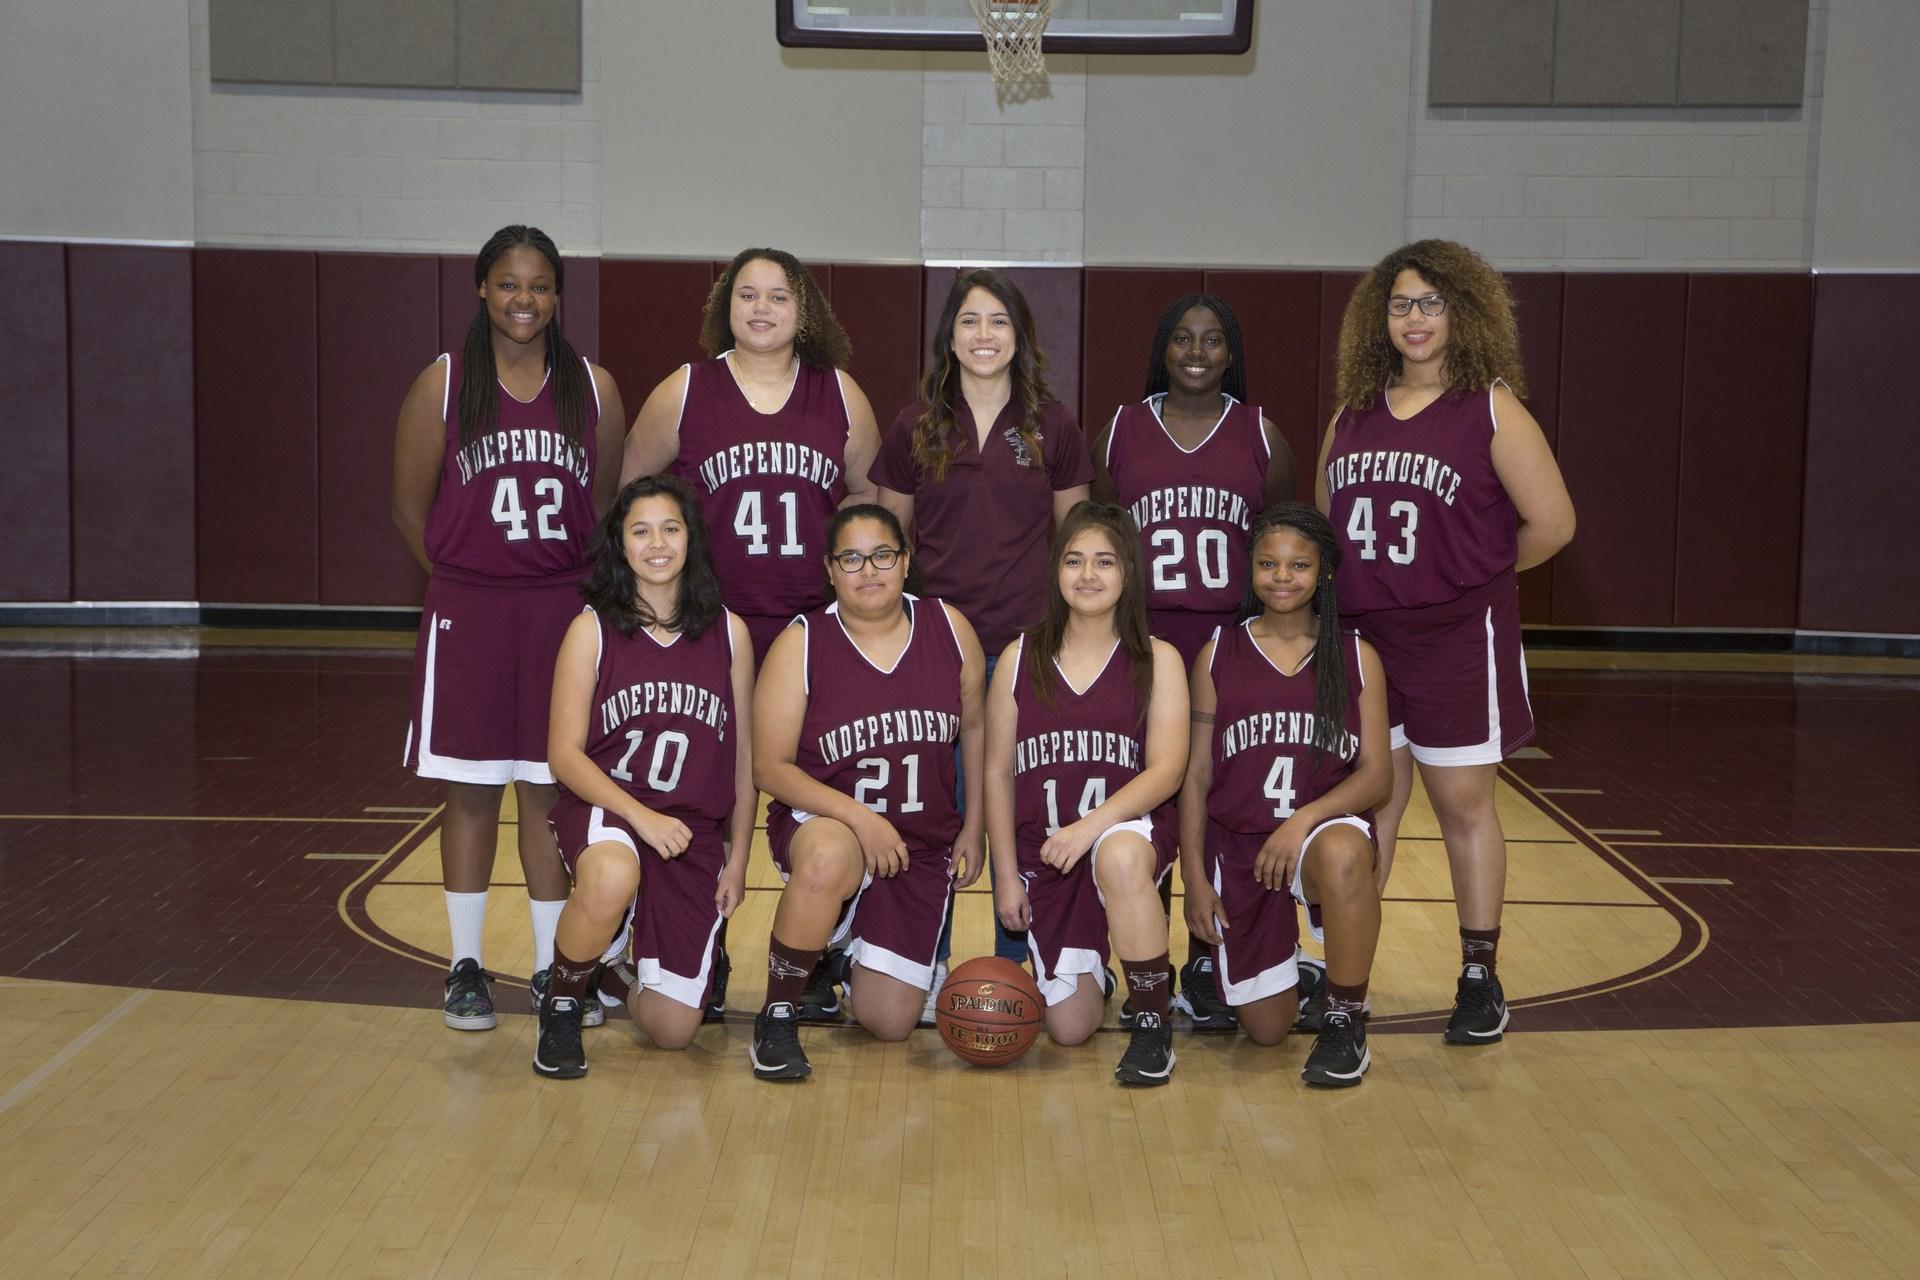 frosh soph girls basketball 2017